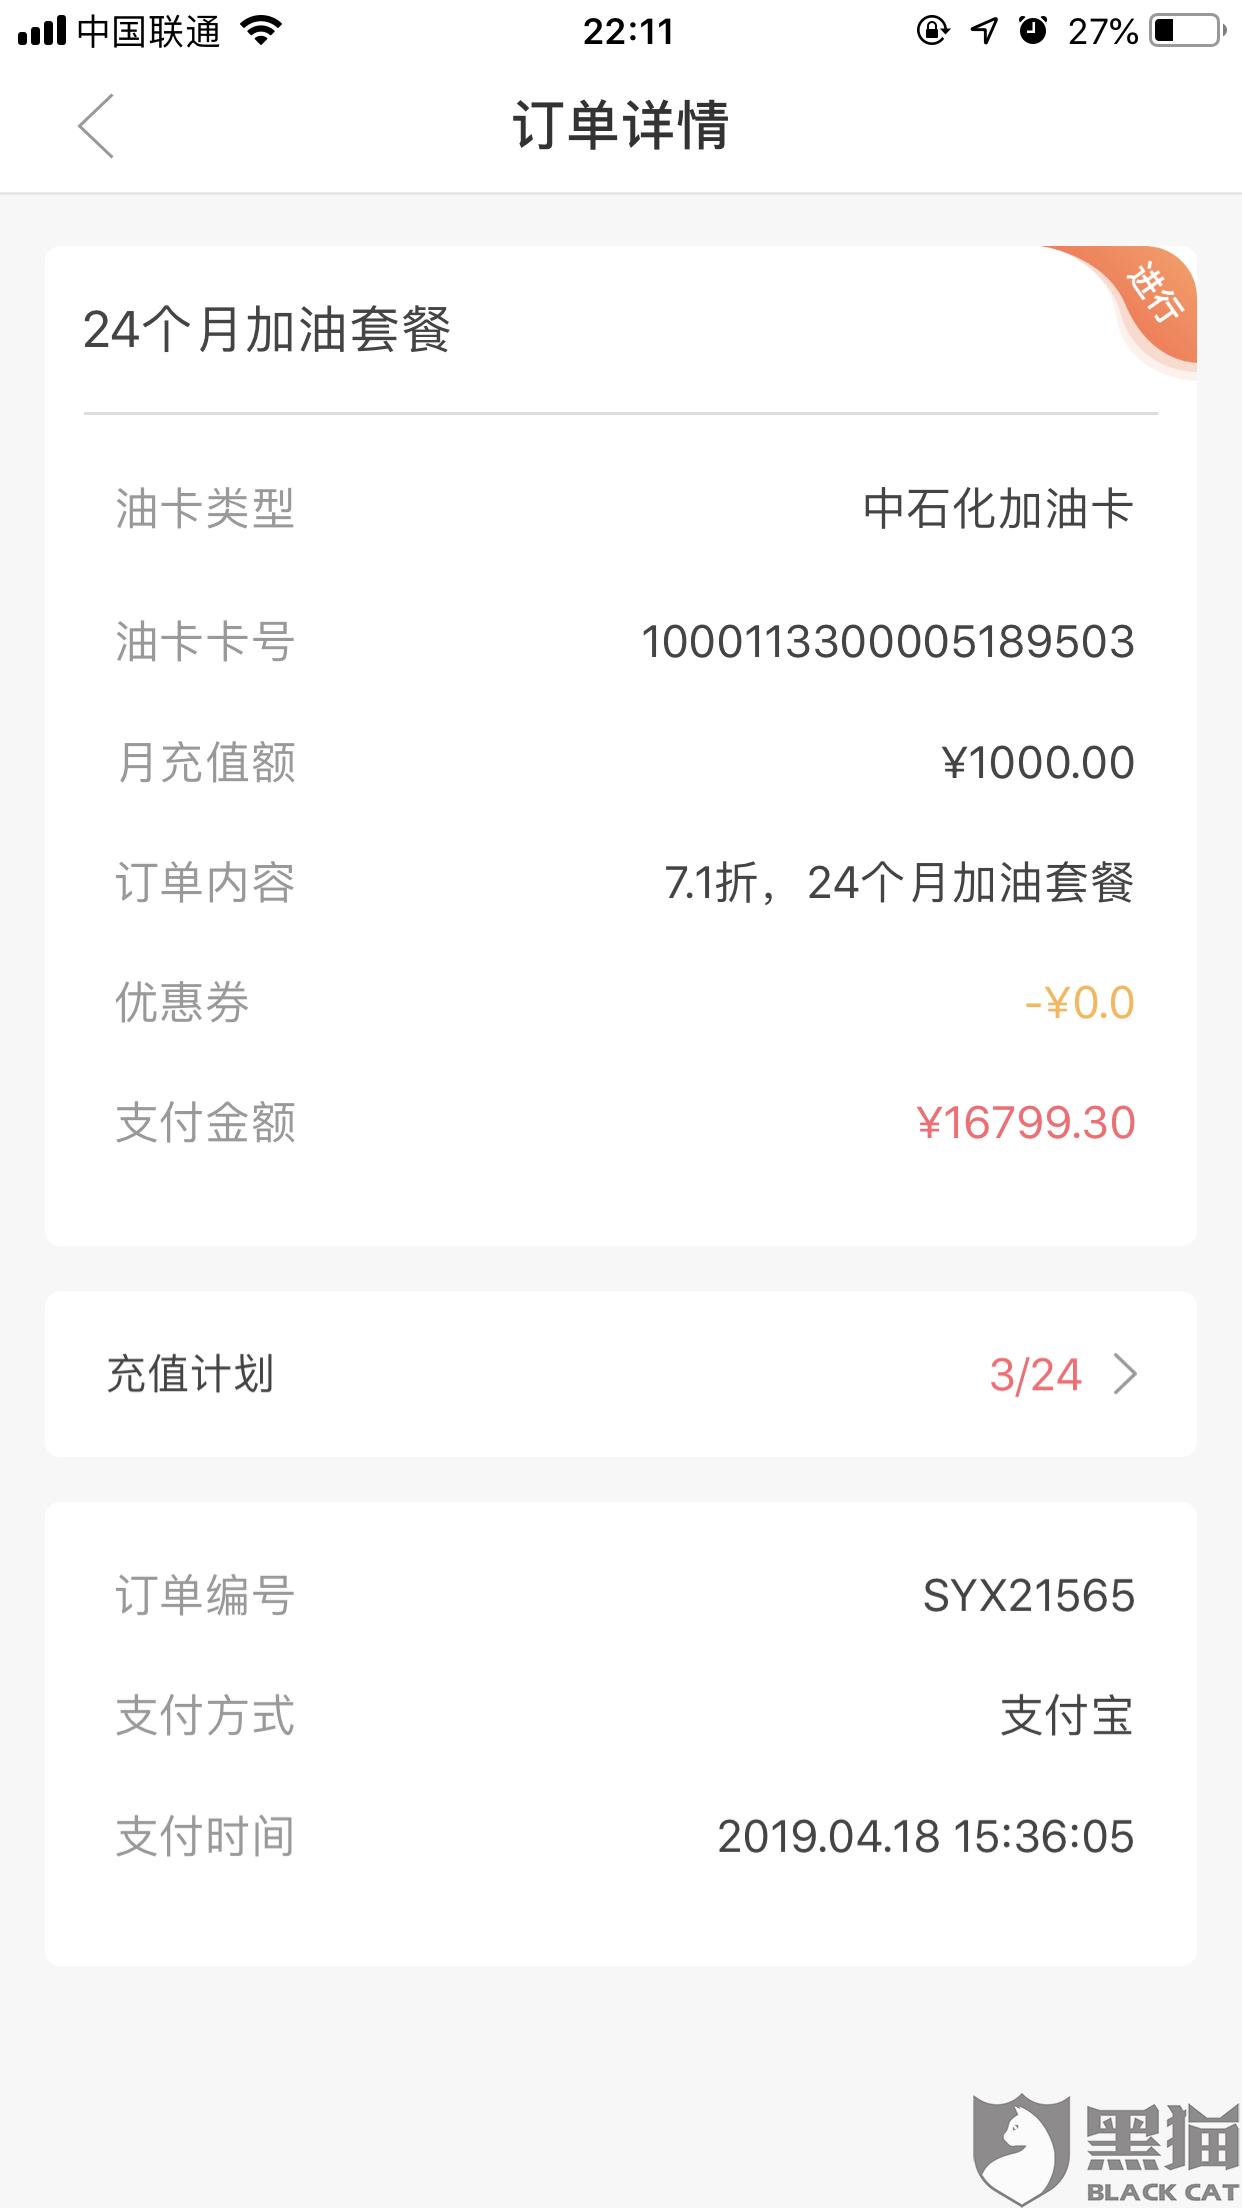 黑猫投诉:杭州飞轩网络科技有限公司法人跑路